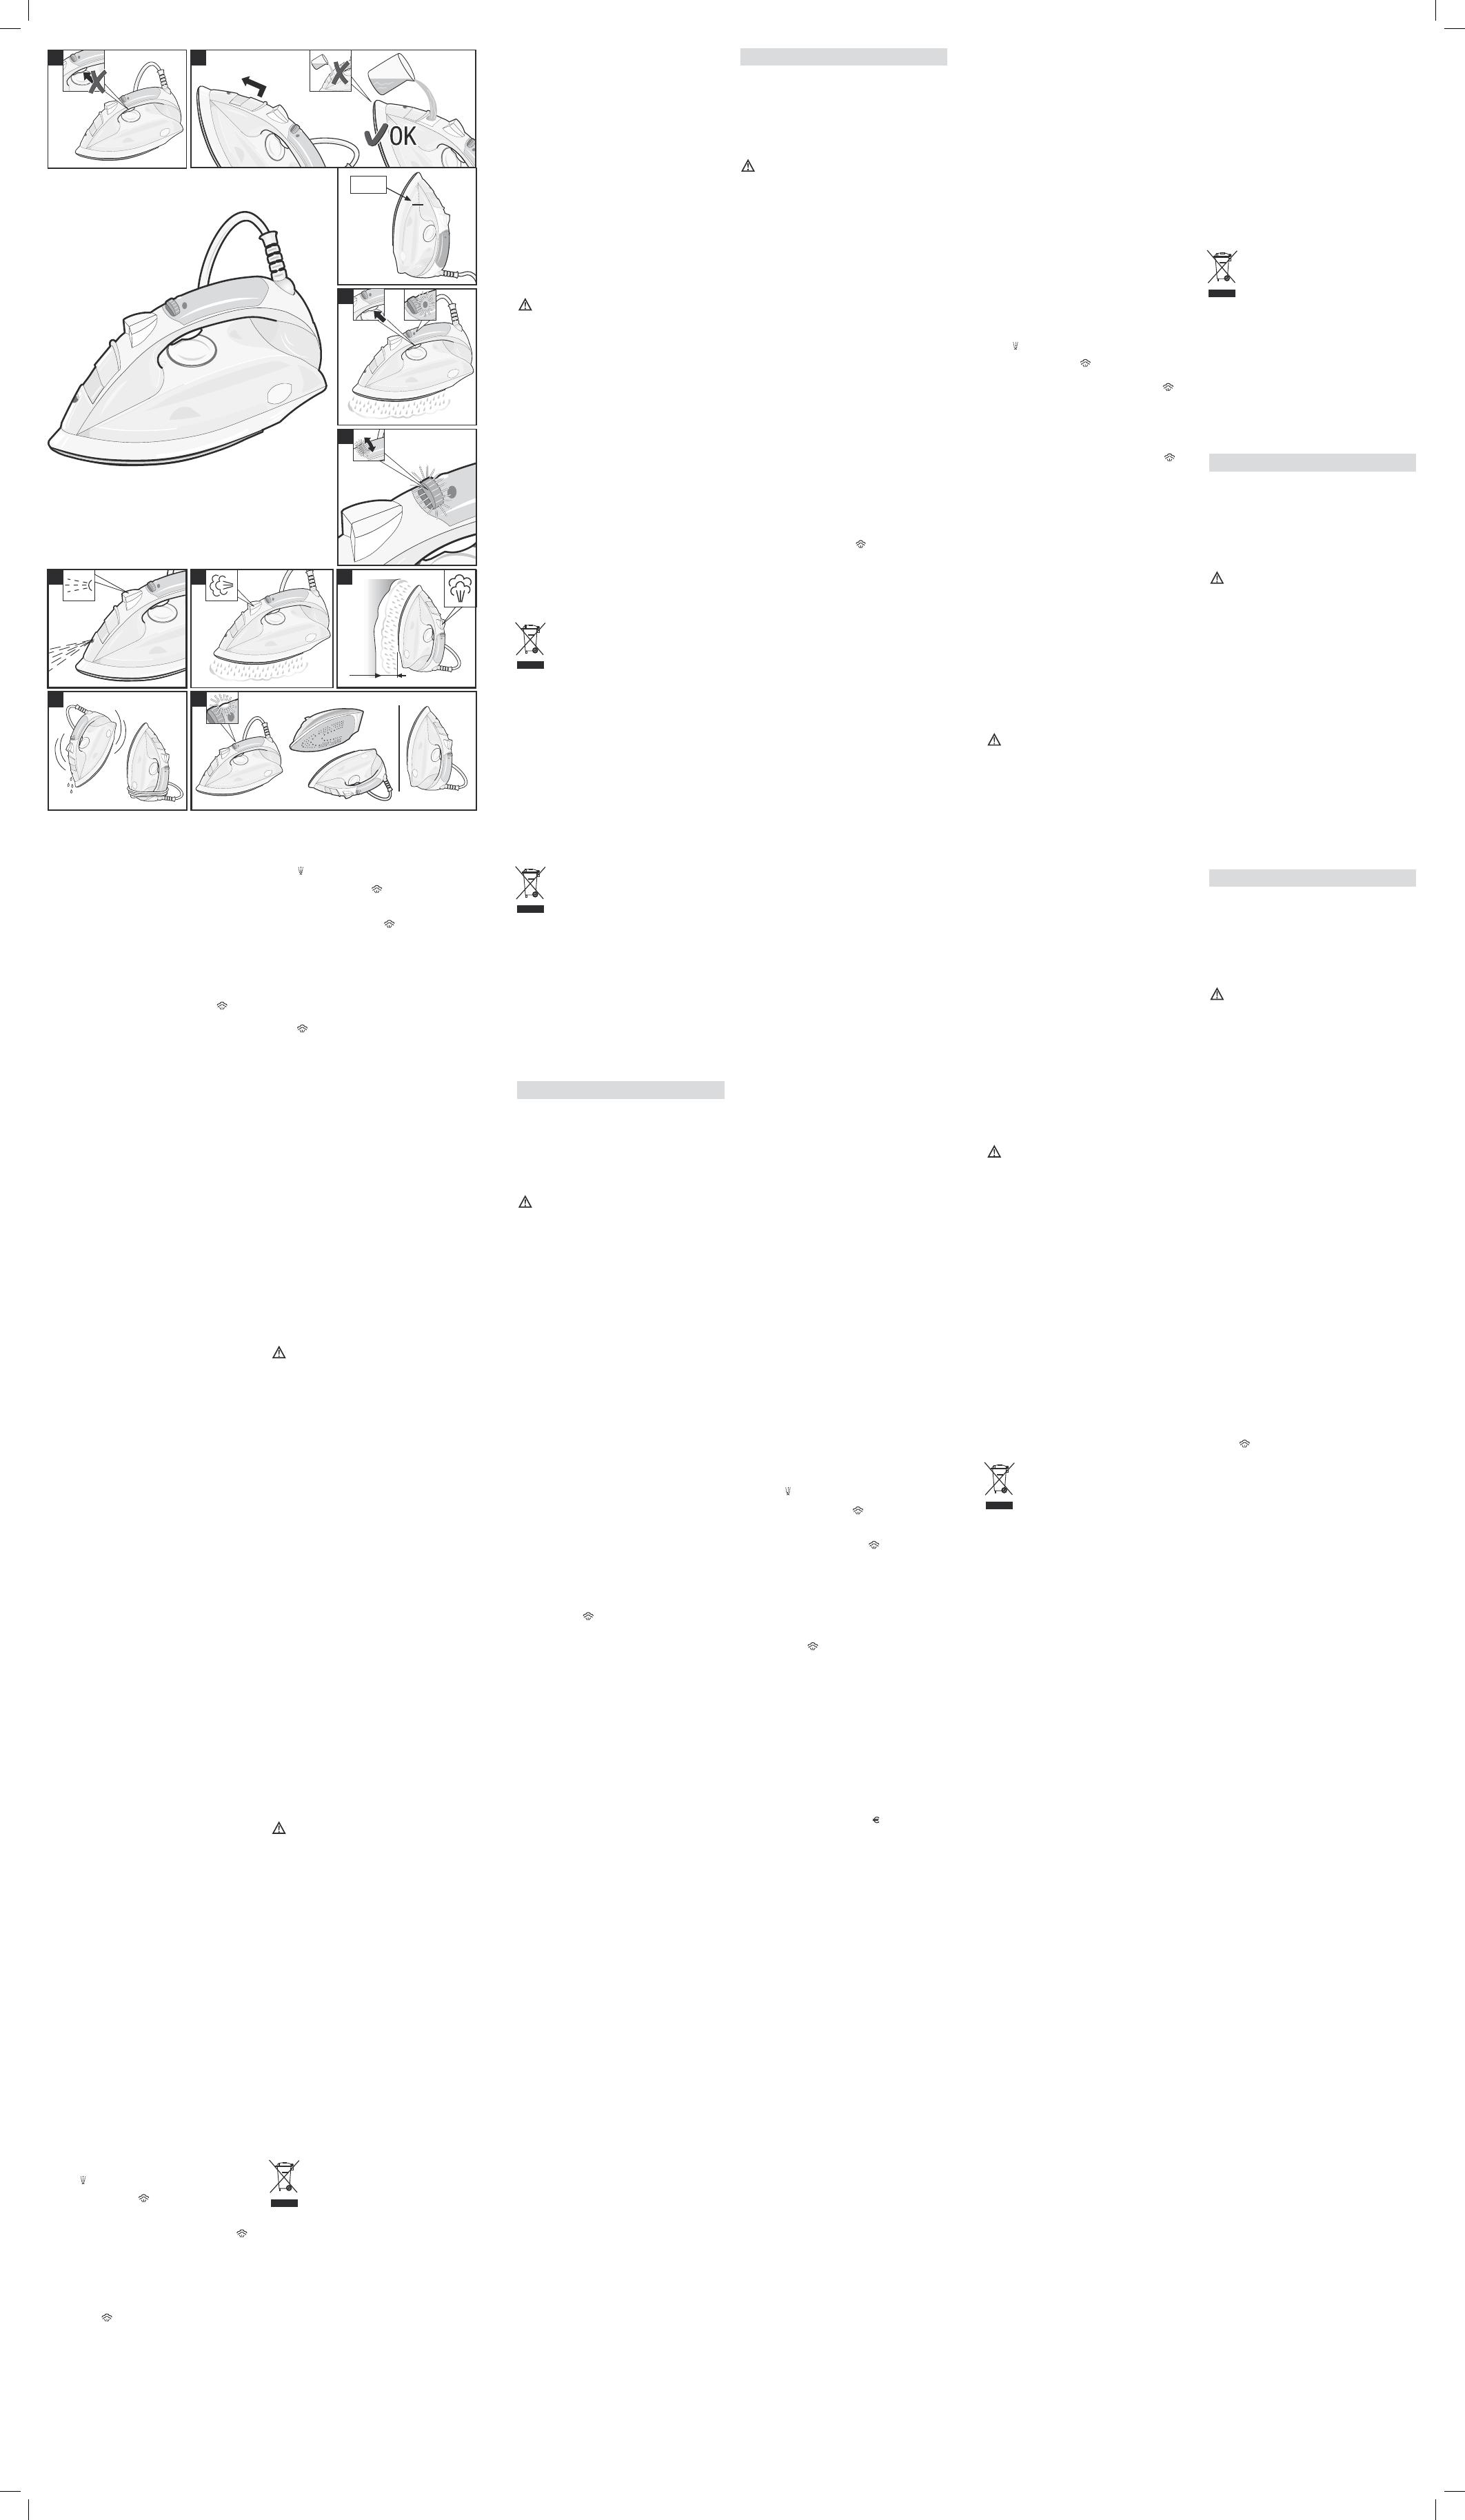 Bedienungsanleitung Bosch Tds 1015 Seite 1 Von 2 Deutsch